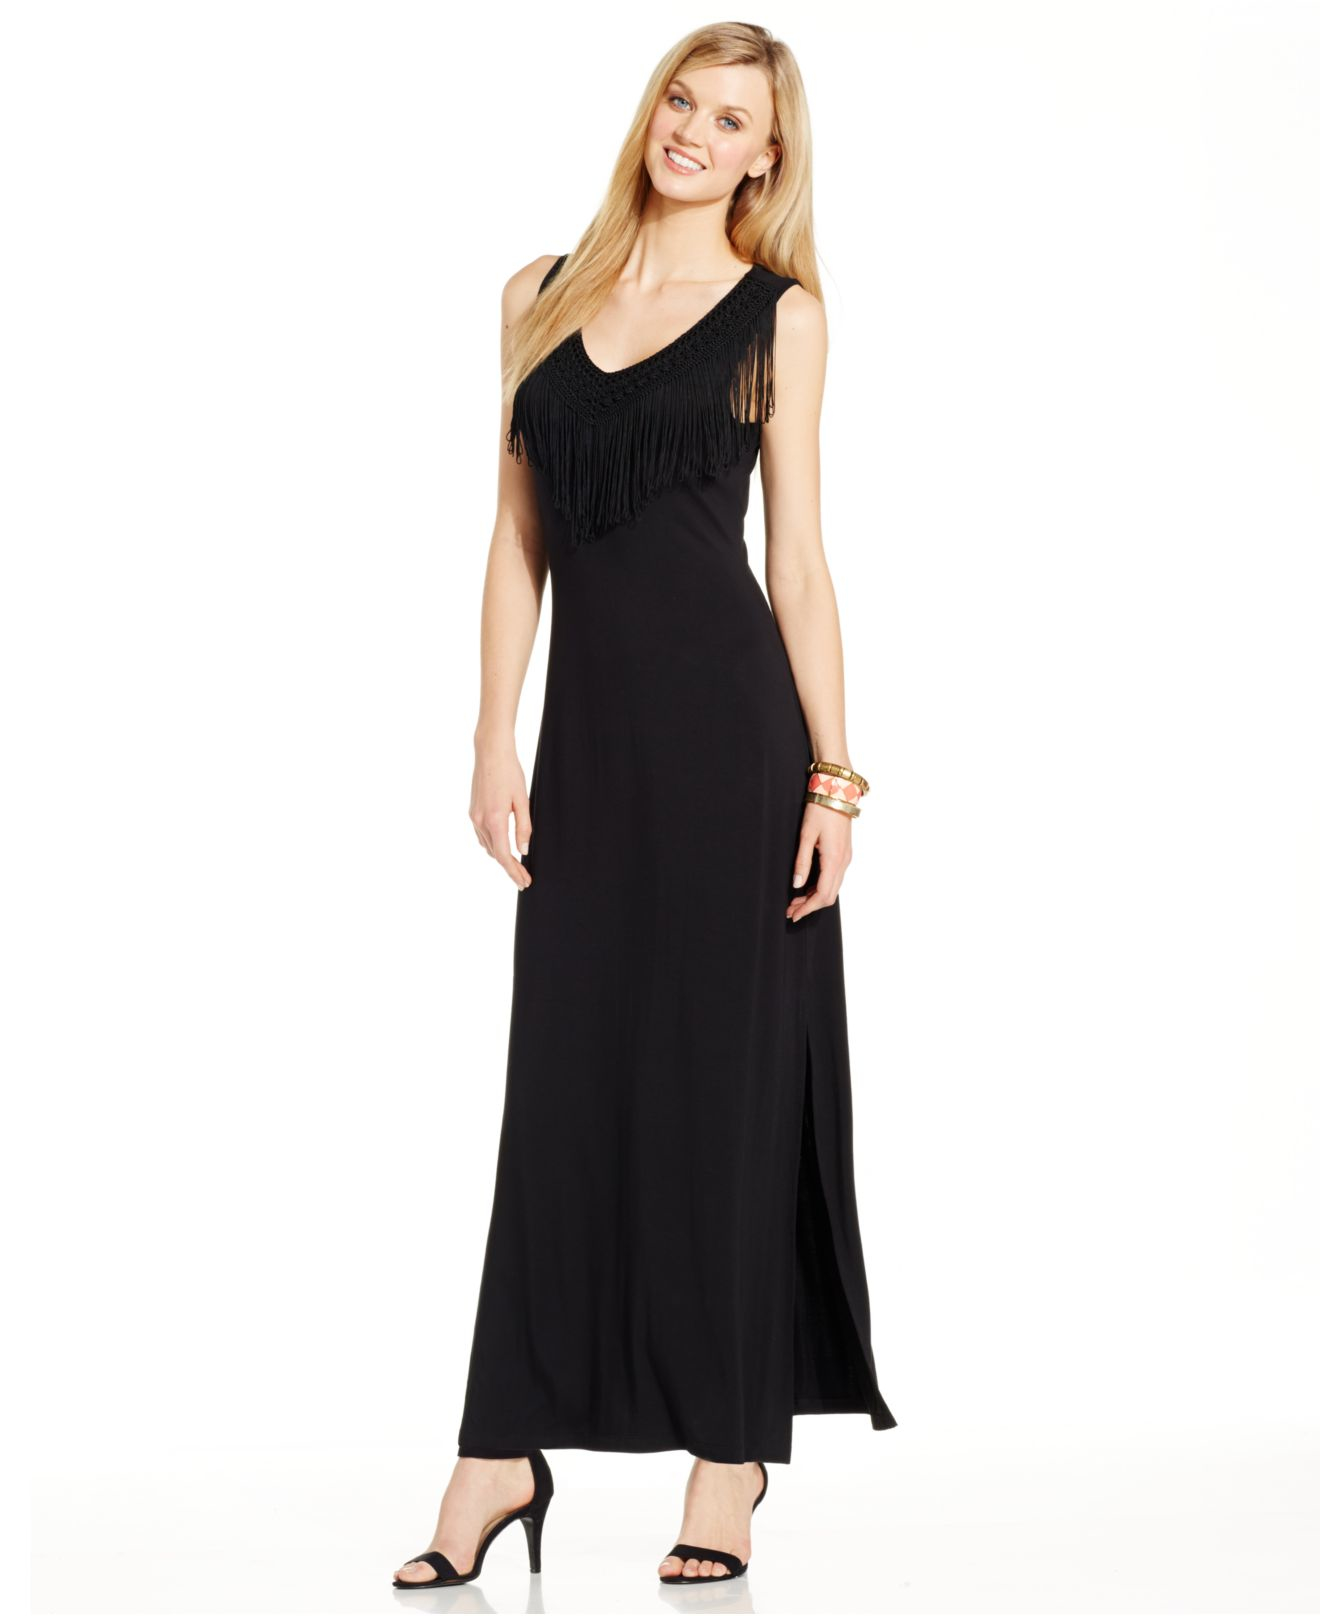 Spense black maxi dress